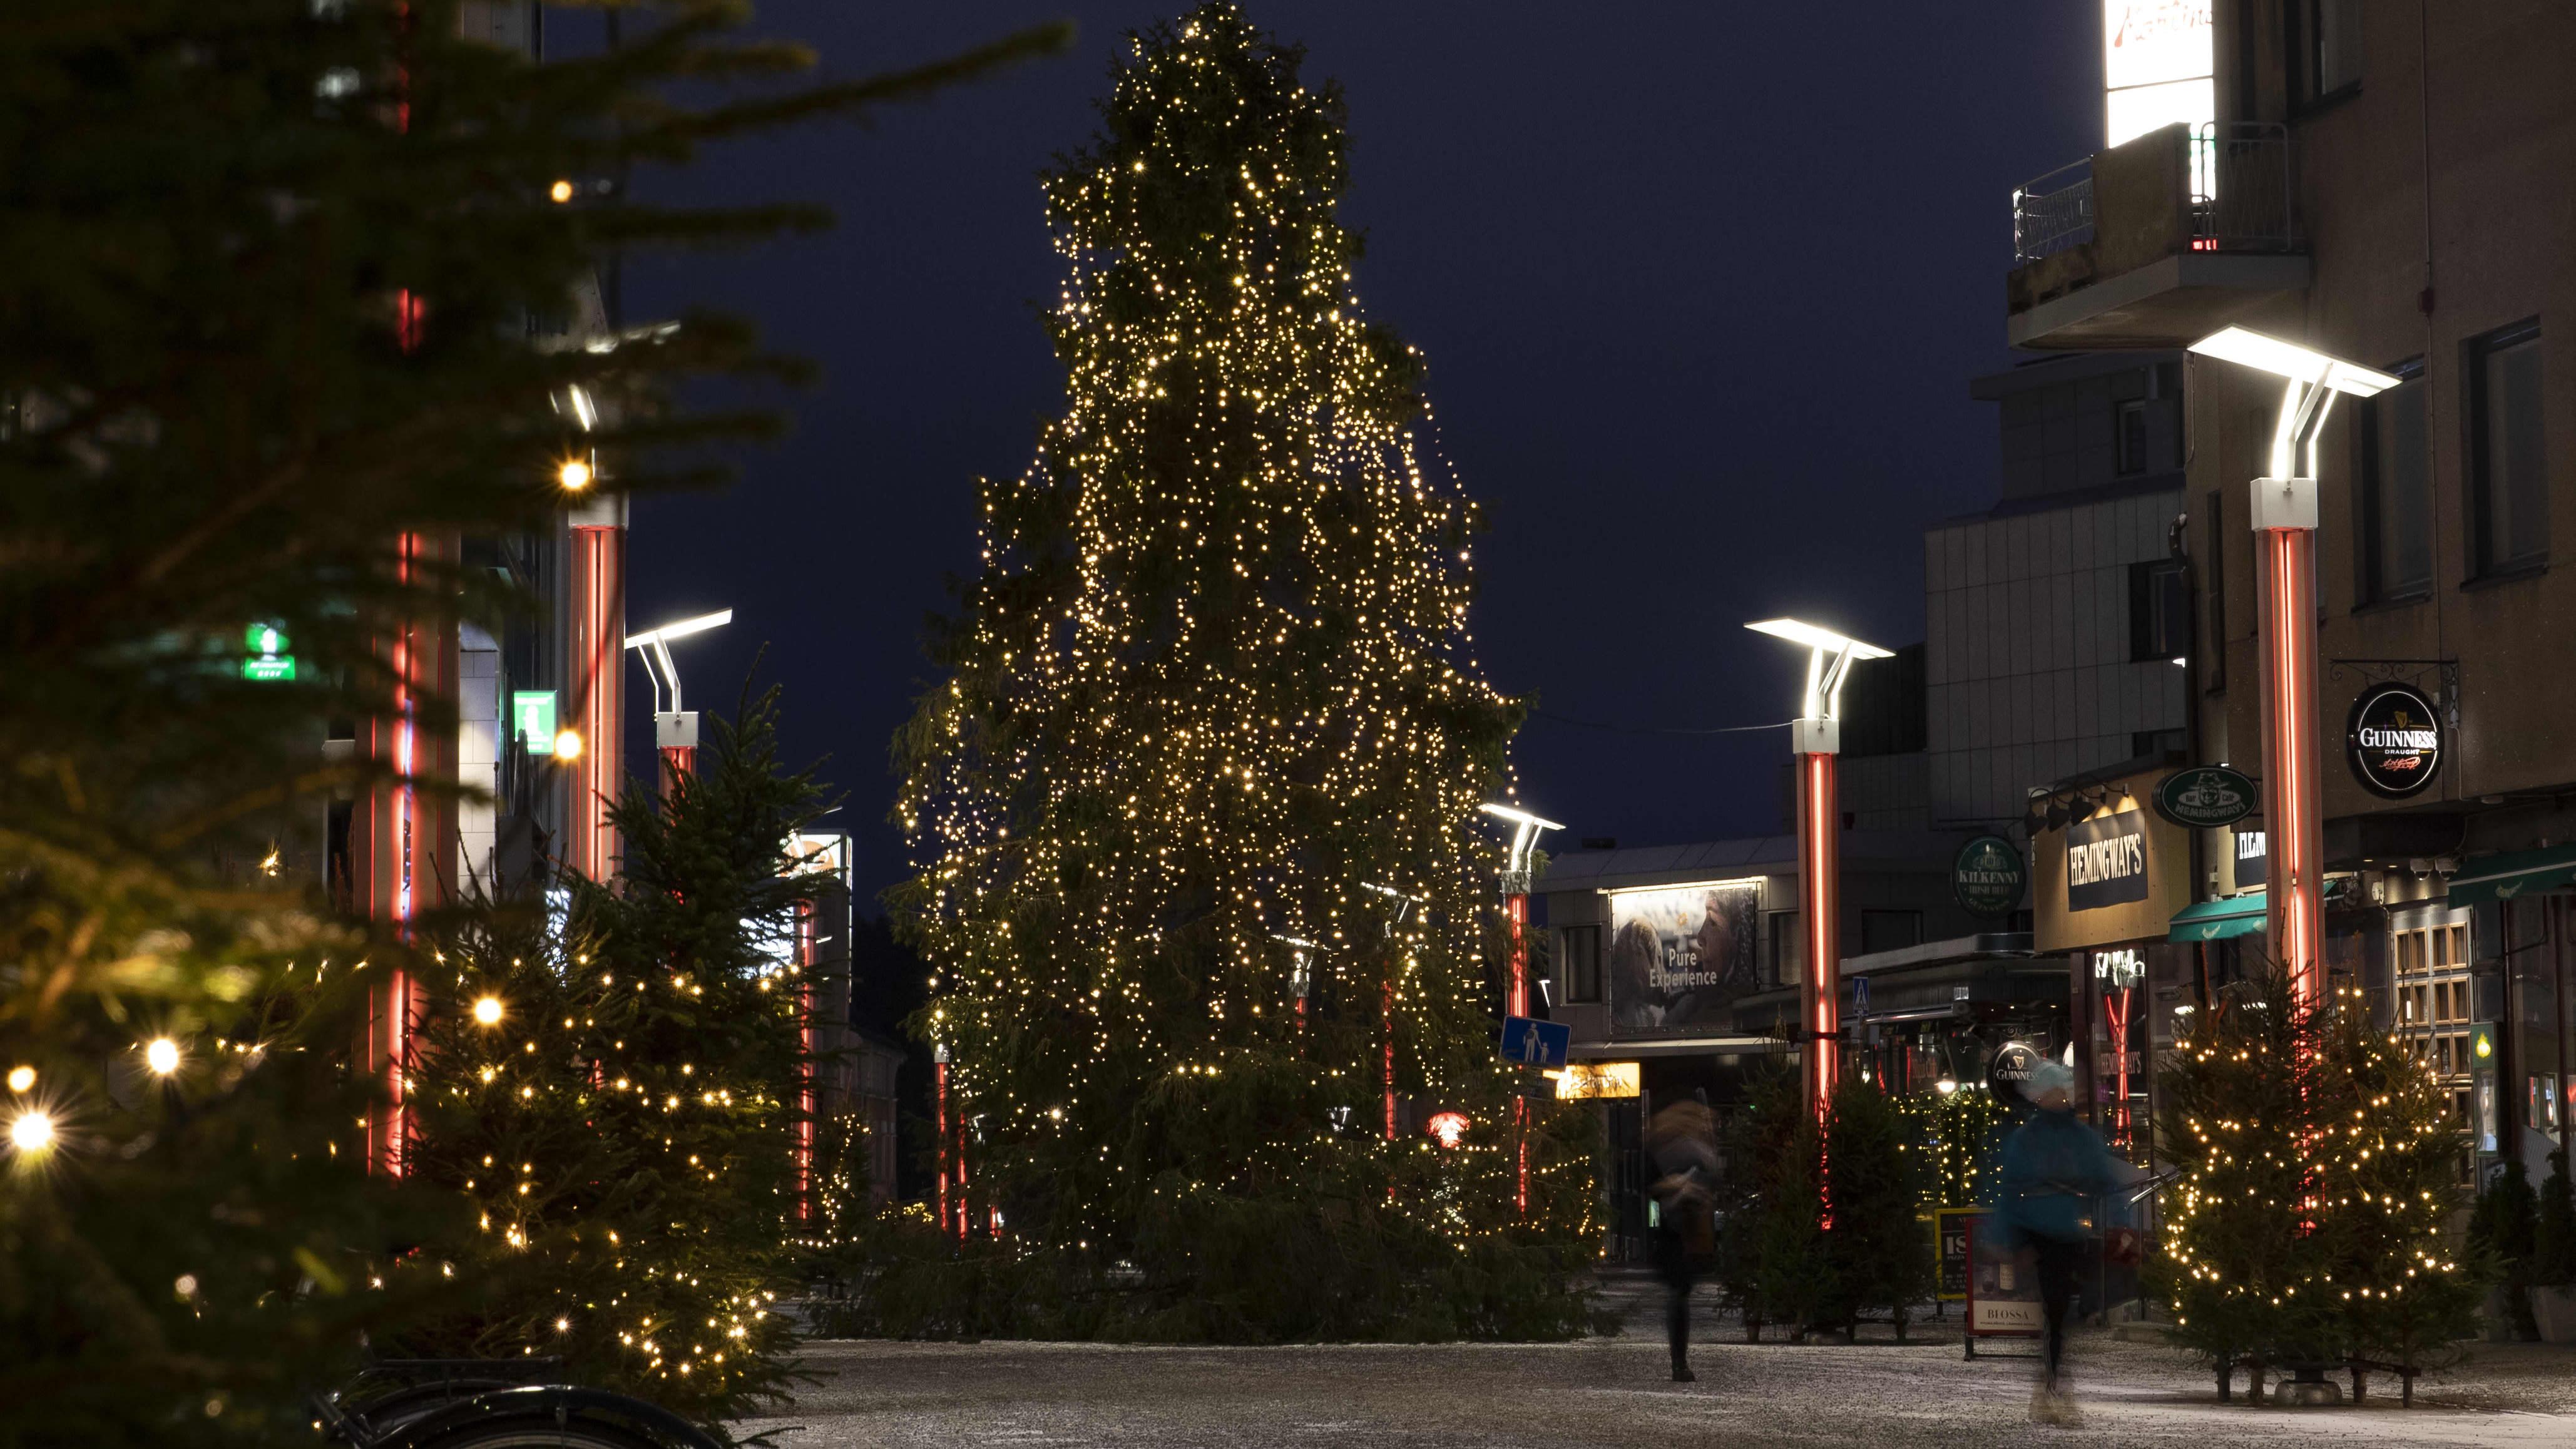 Yli 200 kuusta valaisee kävelykatua – rovaniemeläiset yrittäjät luovat joulutunnelmaa